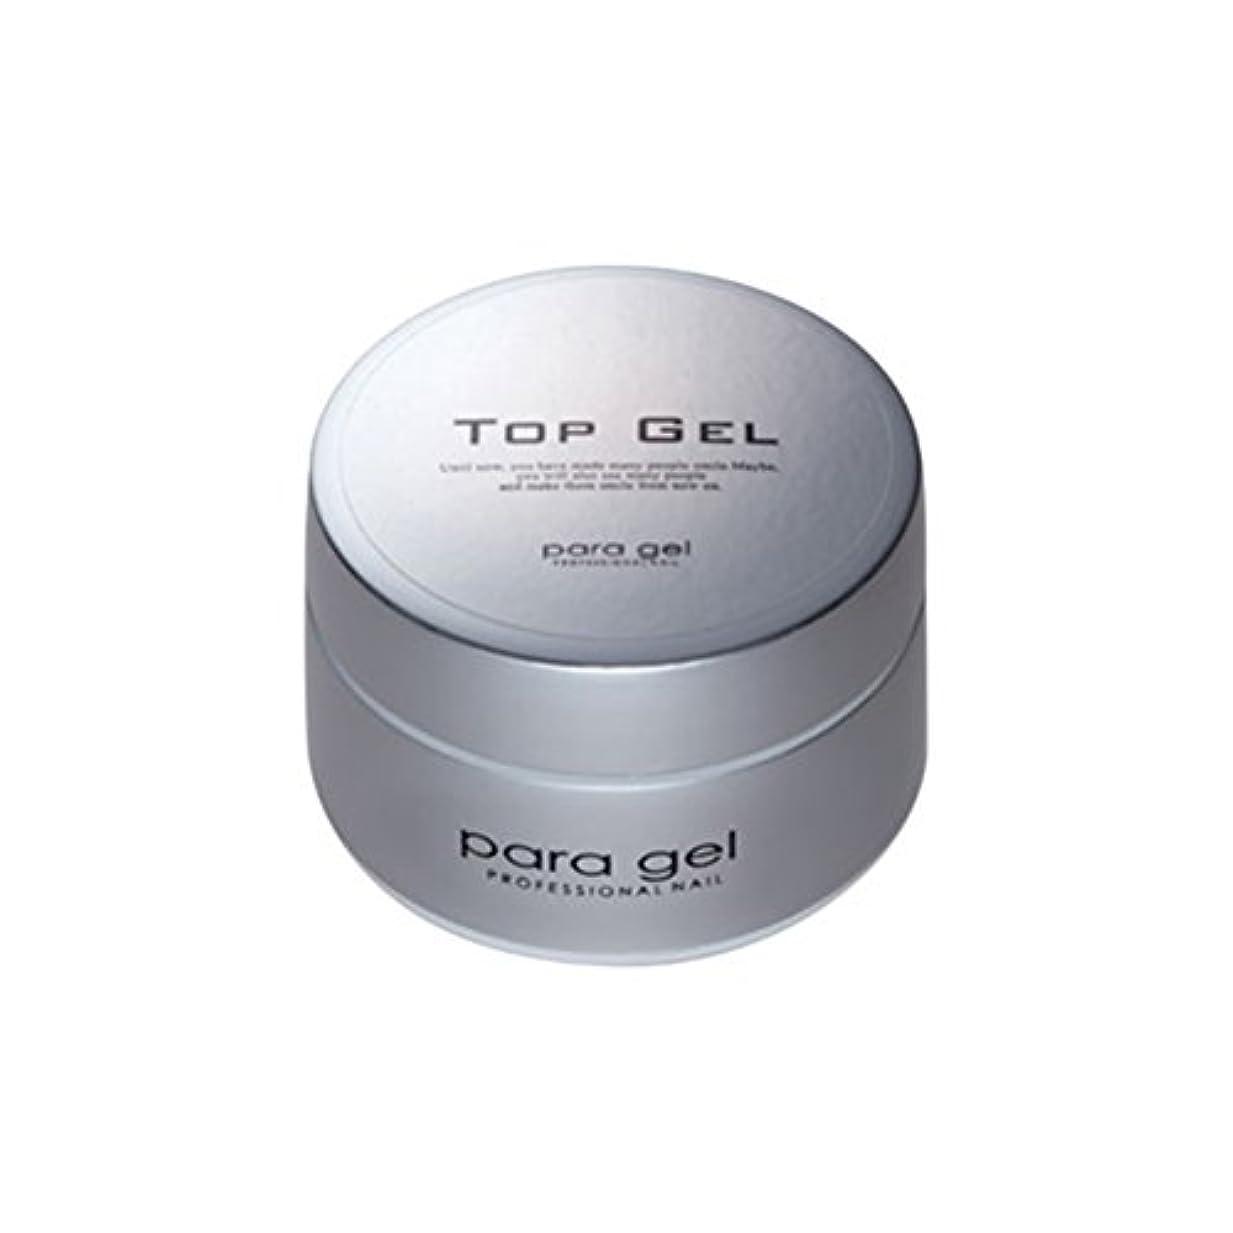 フォージ単なる風邪をひくpara gel トップジェル 10g